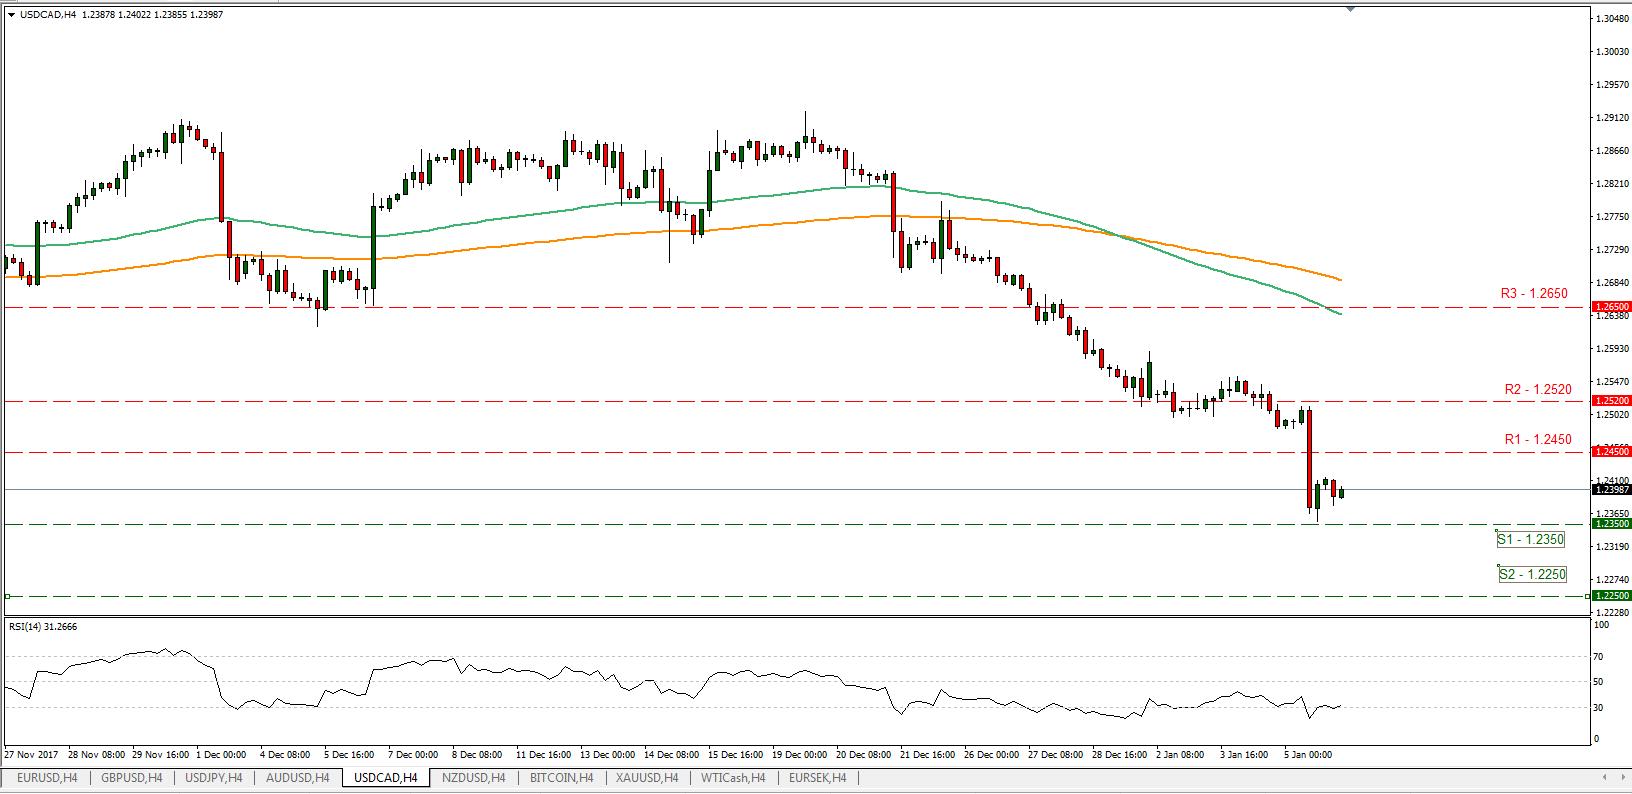 USD/CAD 08/01/2018 | Econ Alerts